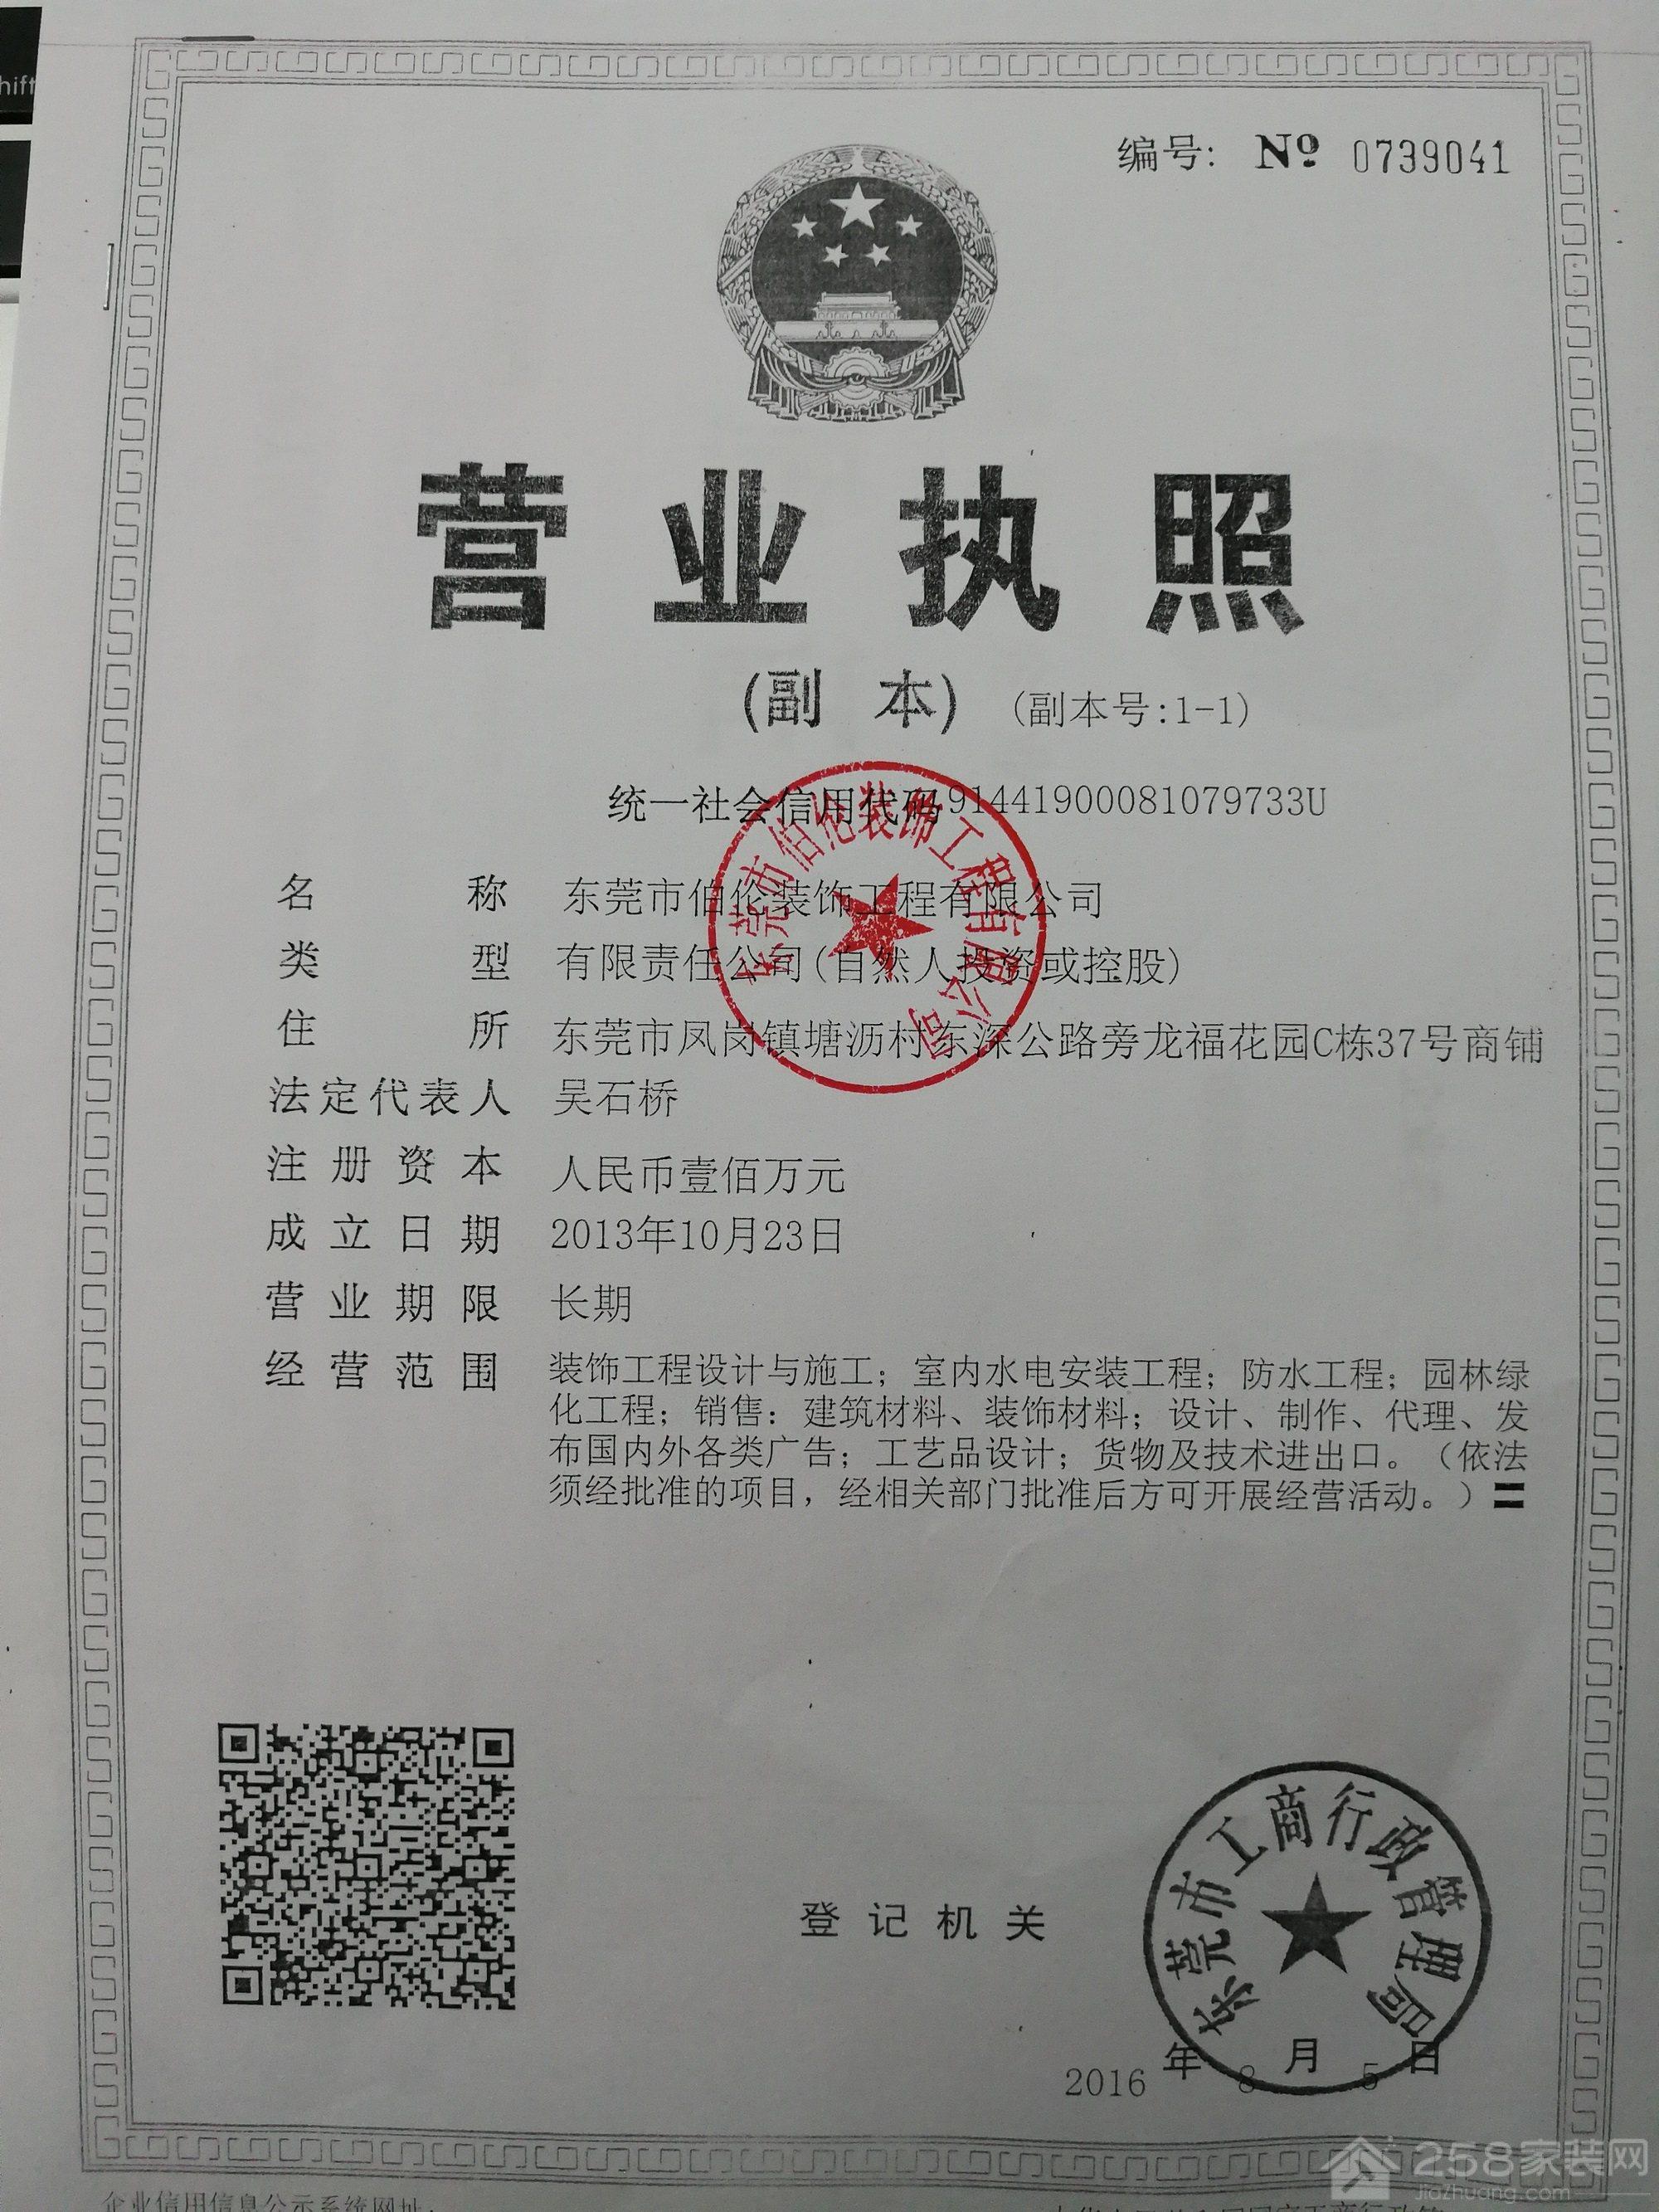 东莞市伯伦装饰工程有限公司